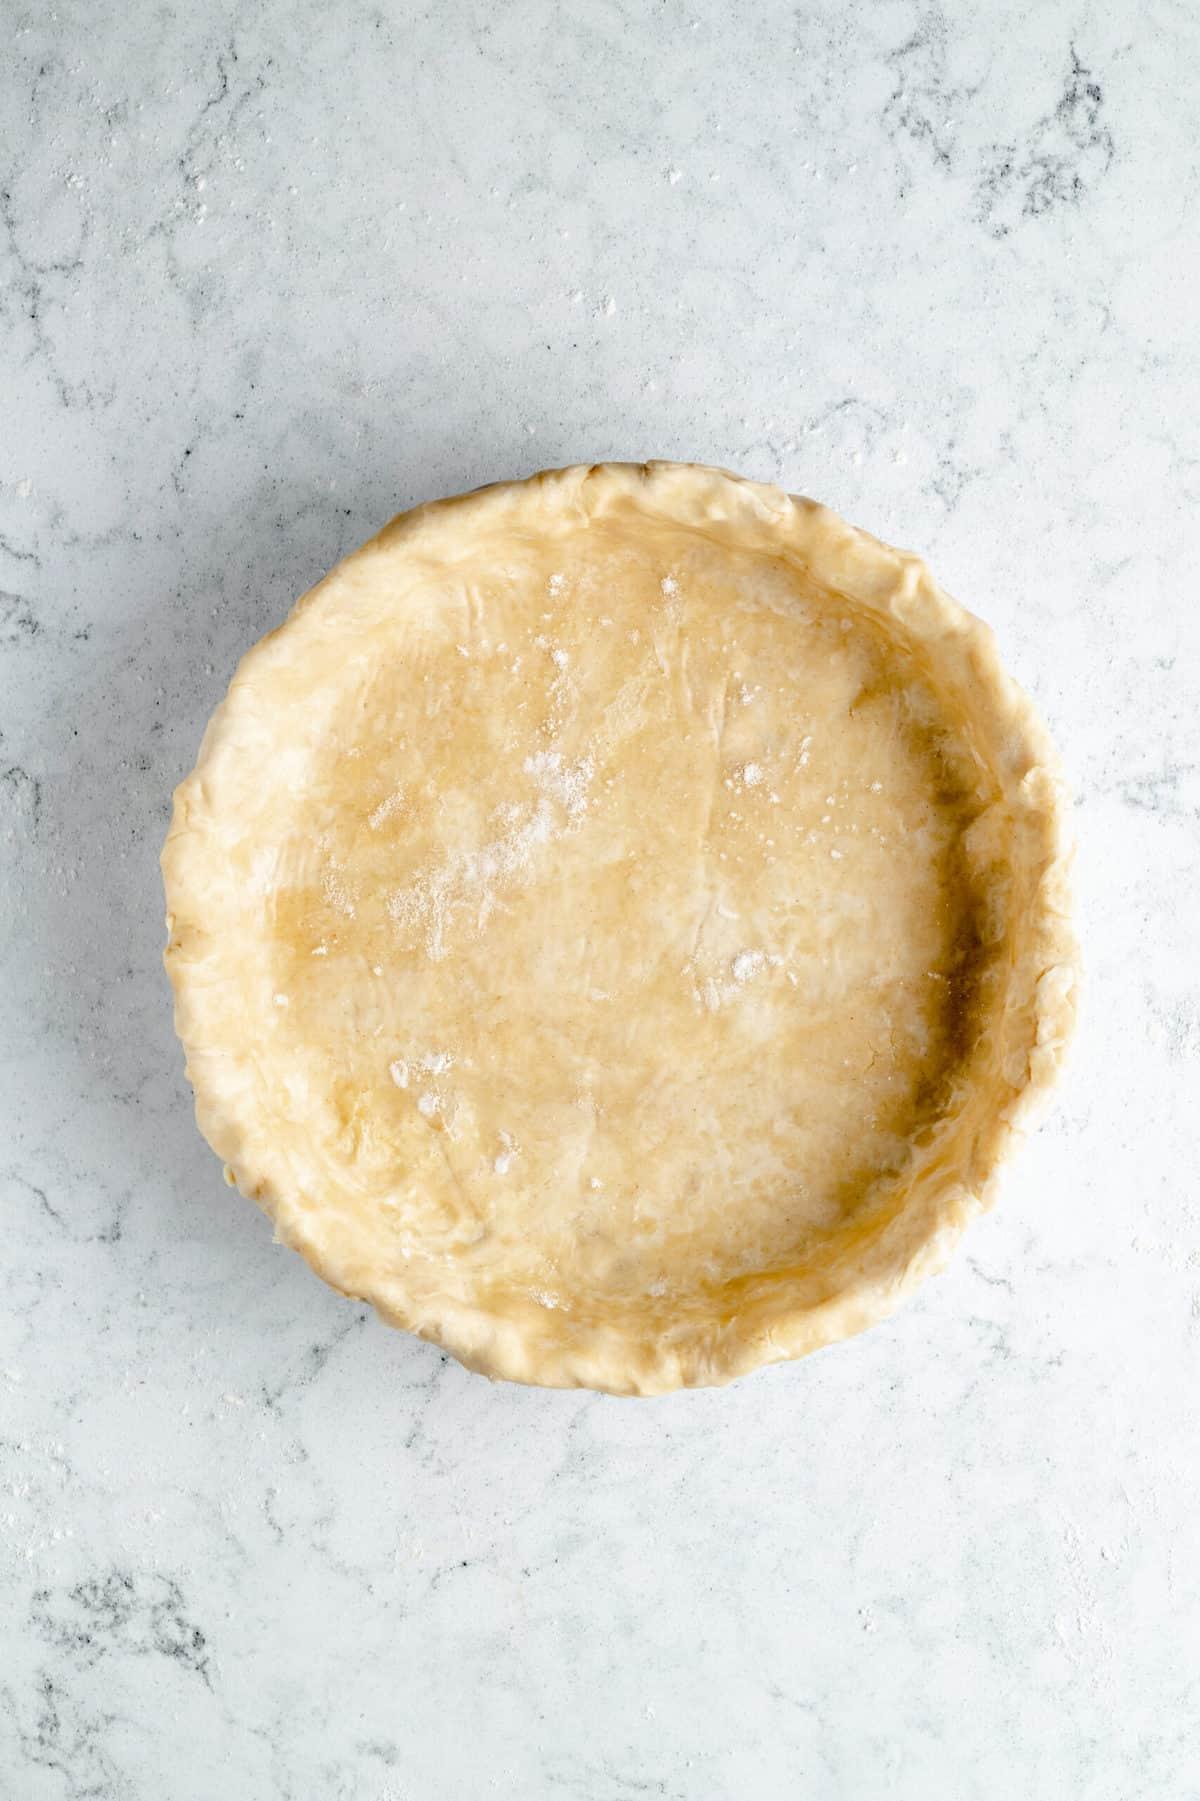 A vegan pie crust in a pie dish.